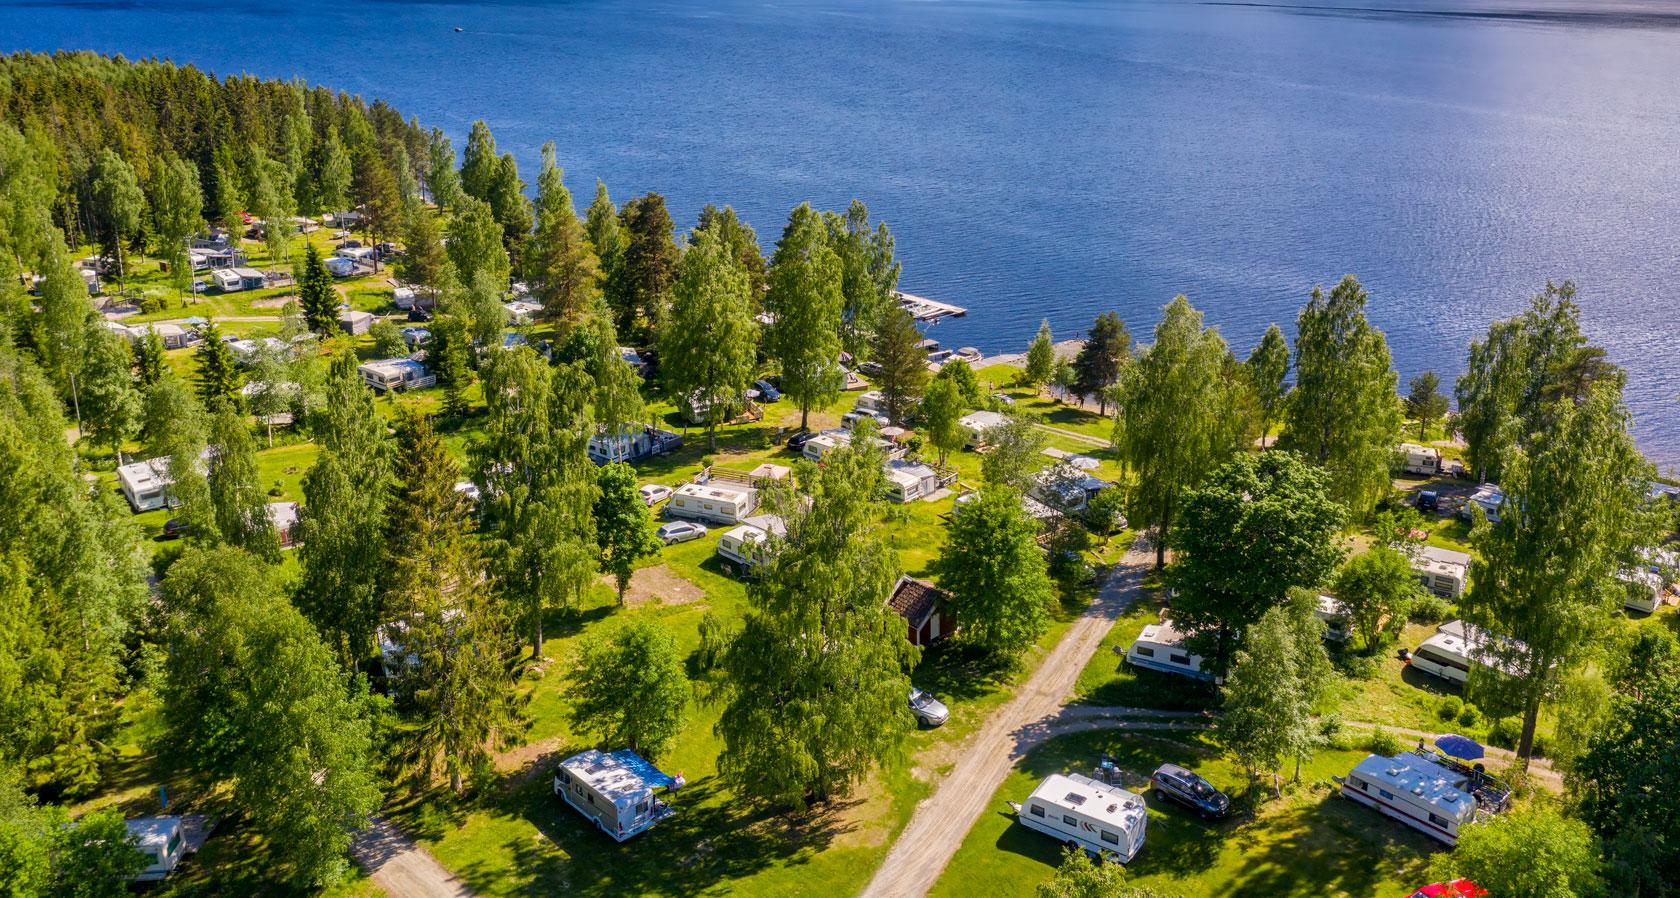 Lyngstrand Camping, Søndre Land